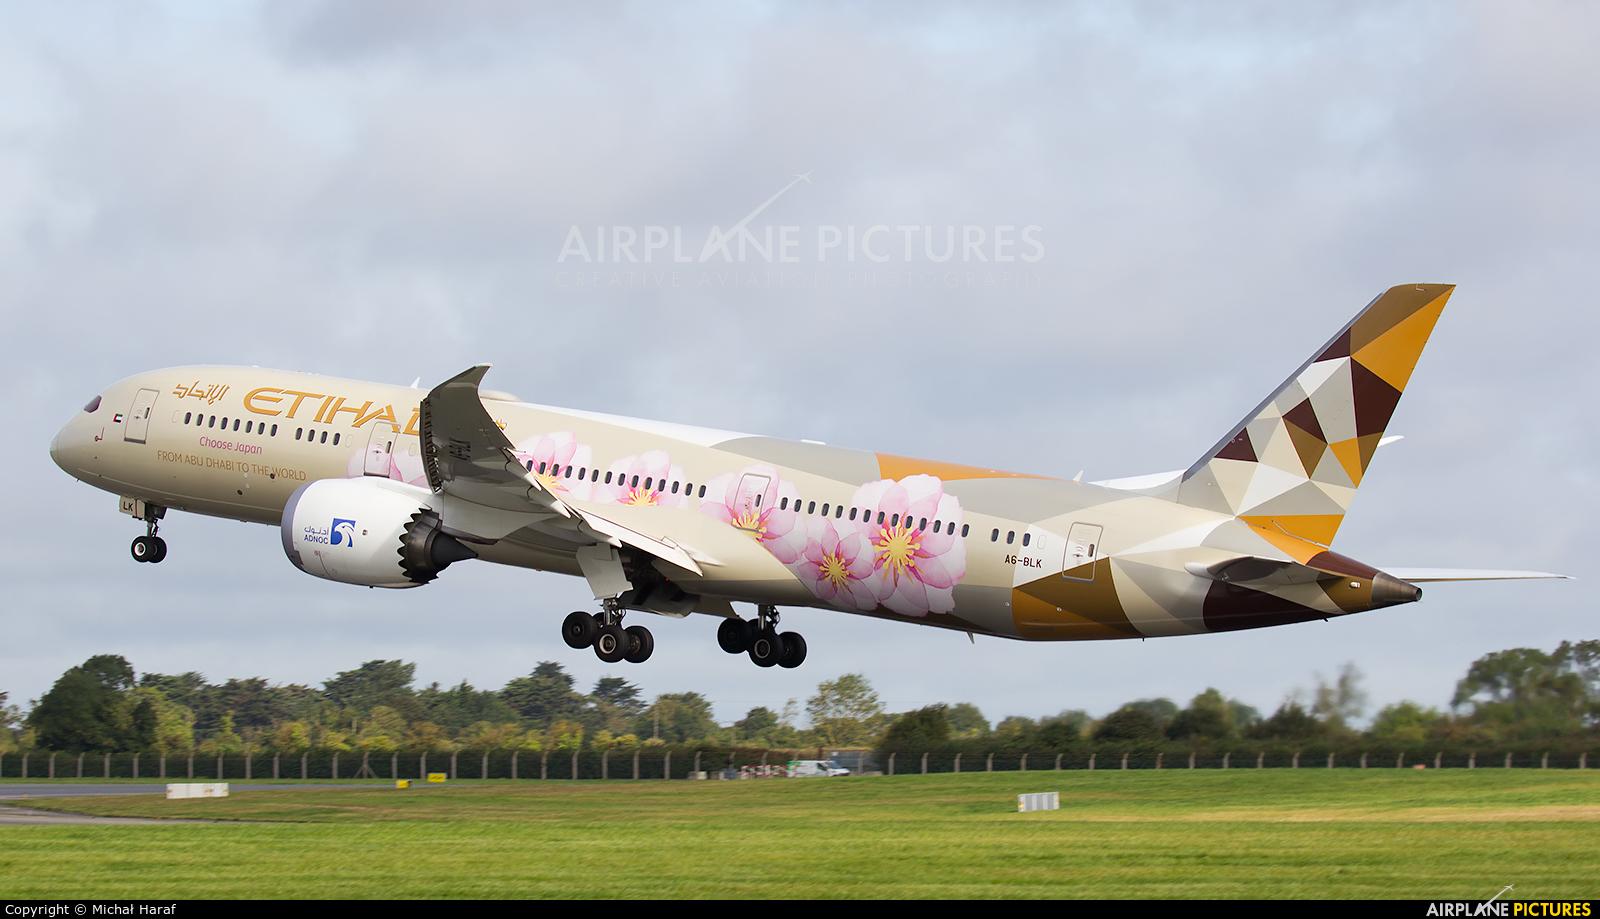 Etihad Airways A6-BLK aircraft at Dublin